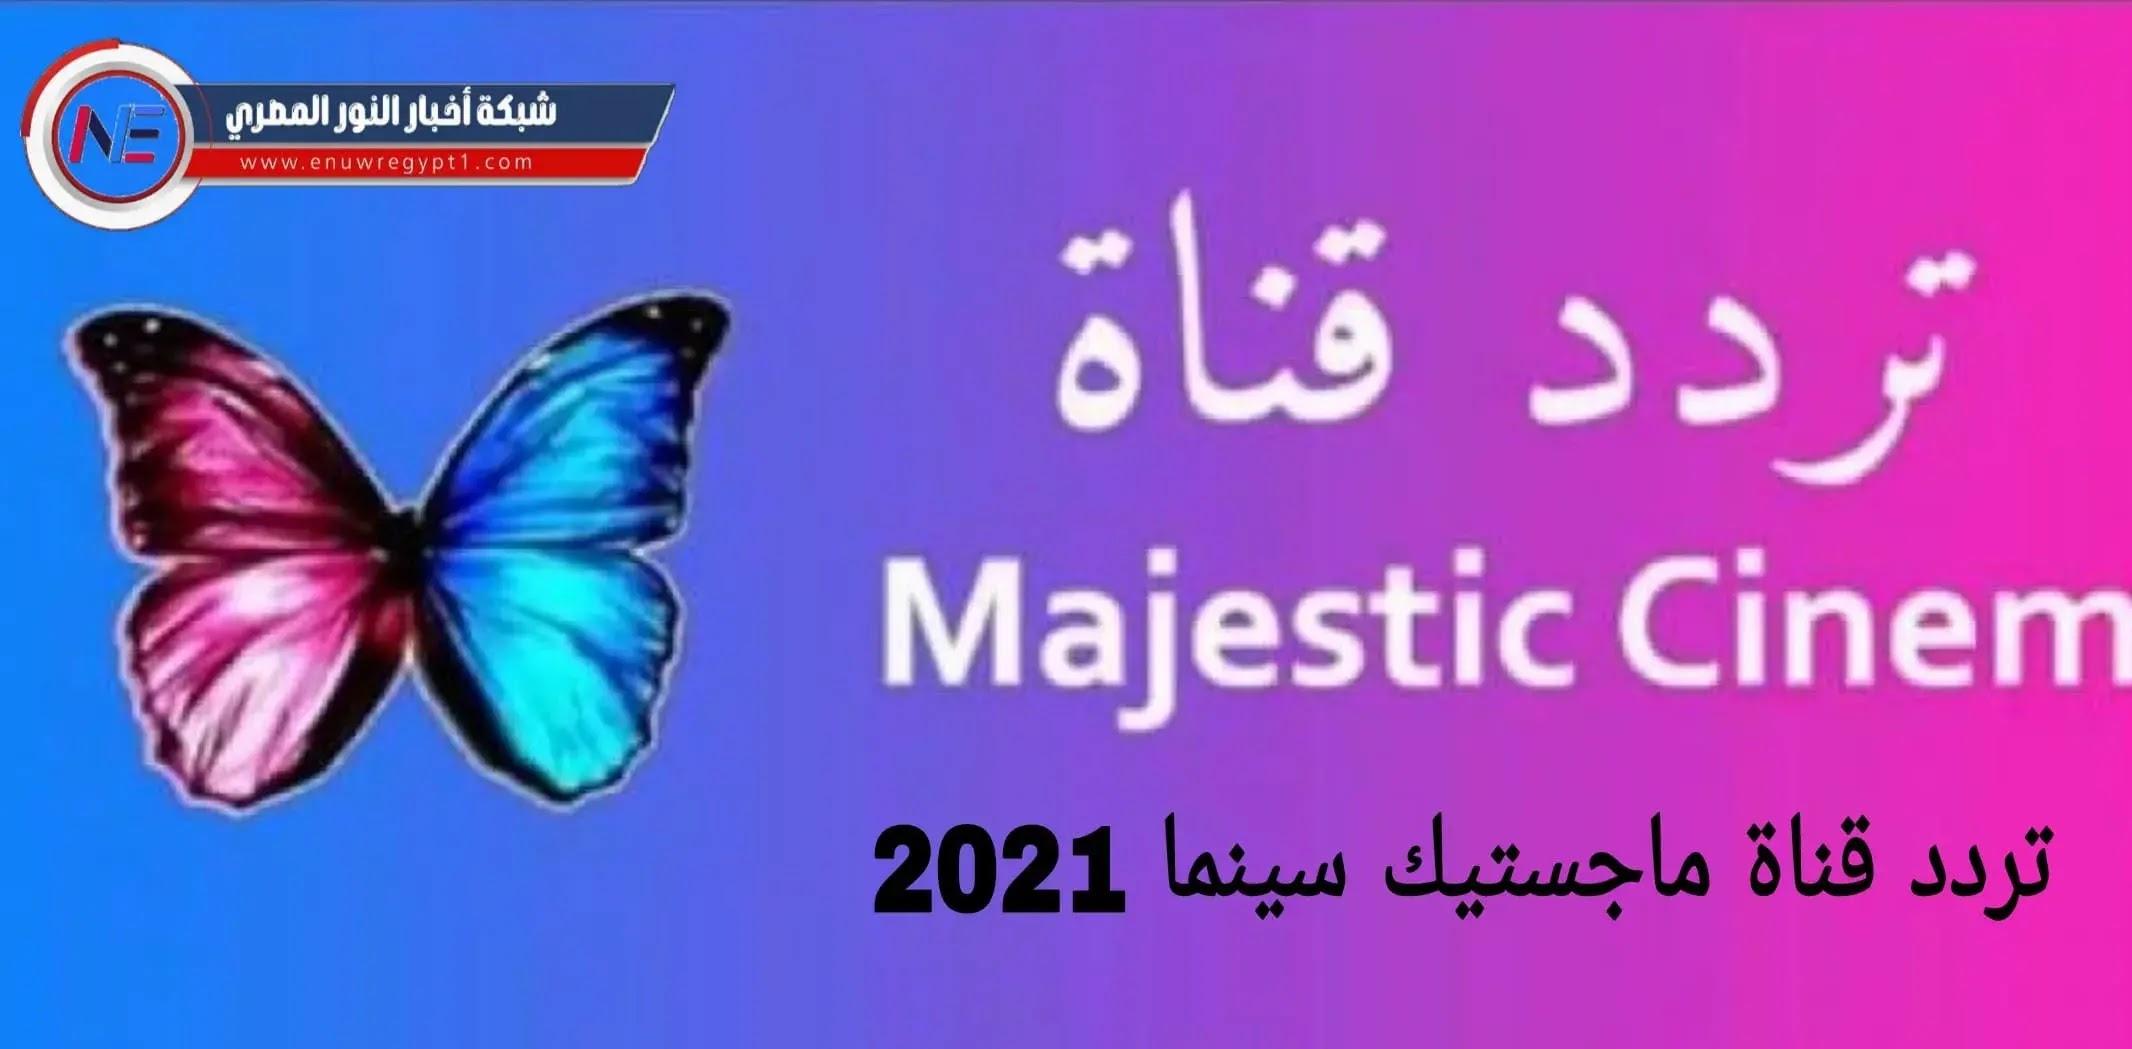 تحديث جديد .. تردد قناة ماجستيك سينما Majestic Cinema الجديد 2021 علي نايل سات لمشاهدة اقوي افلام الرعب و الاكشن